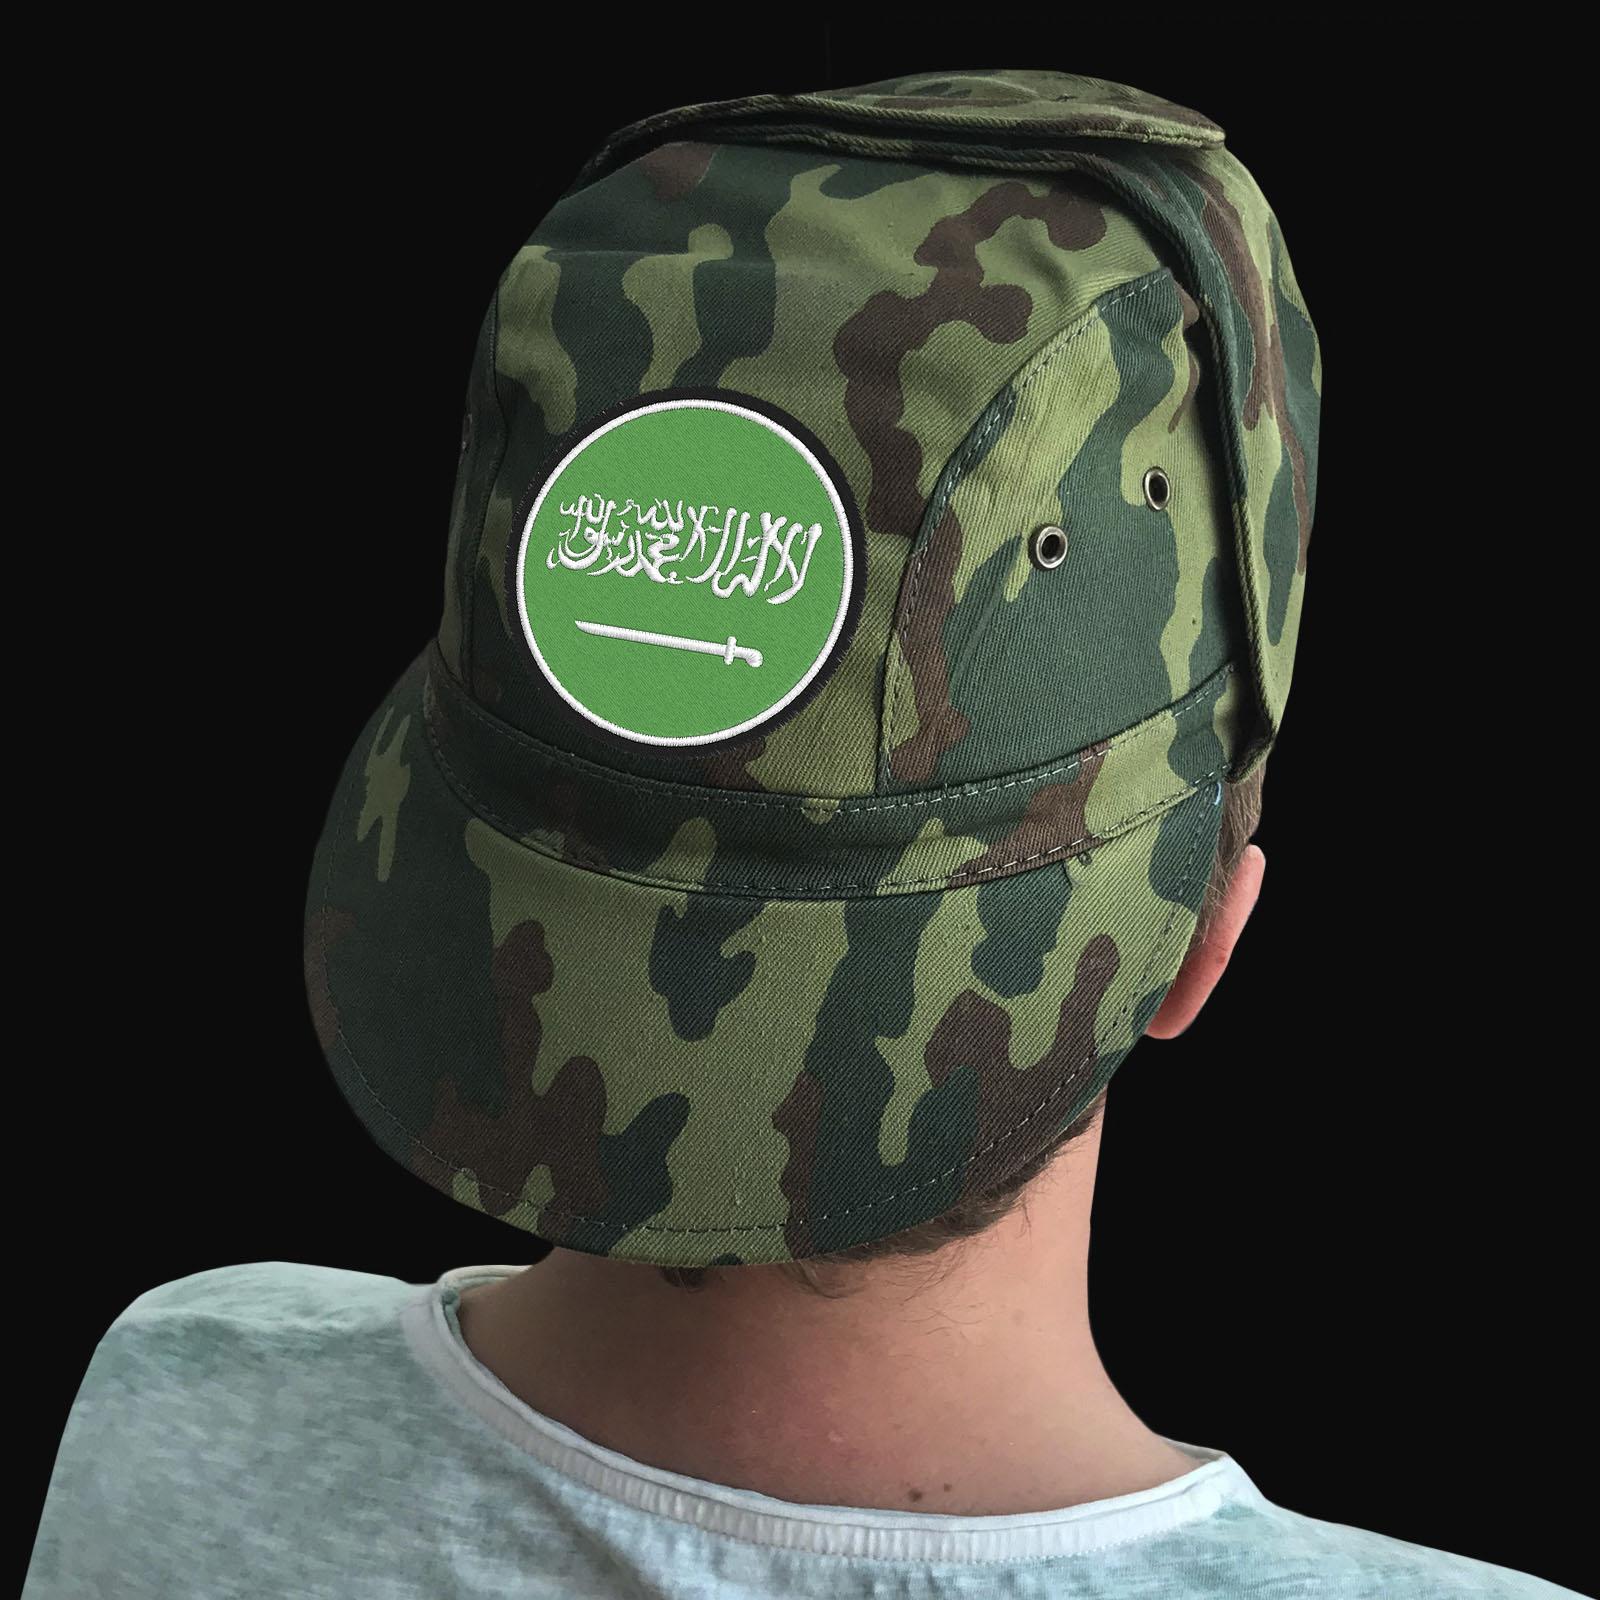 Милитари кепки в камуфляжном дизайне – наличие